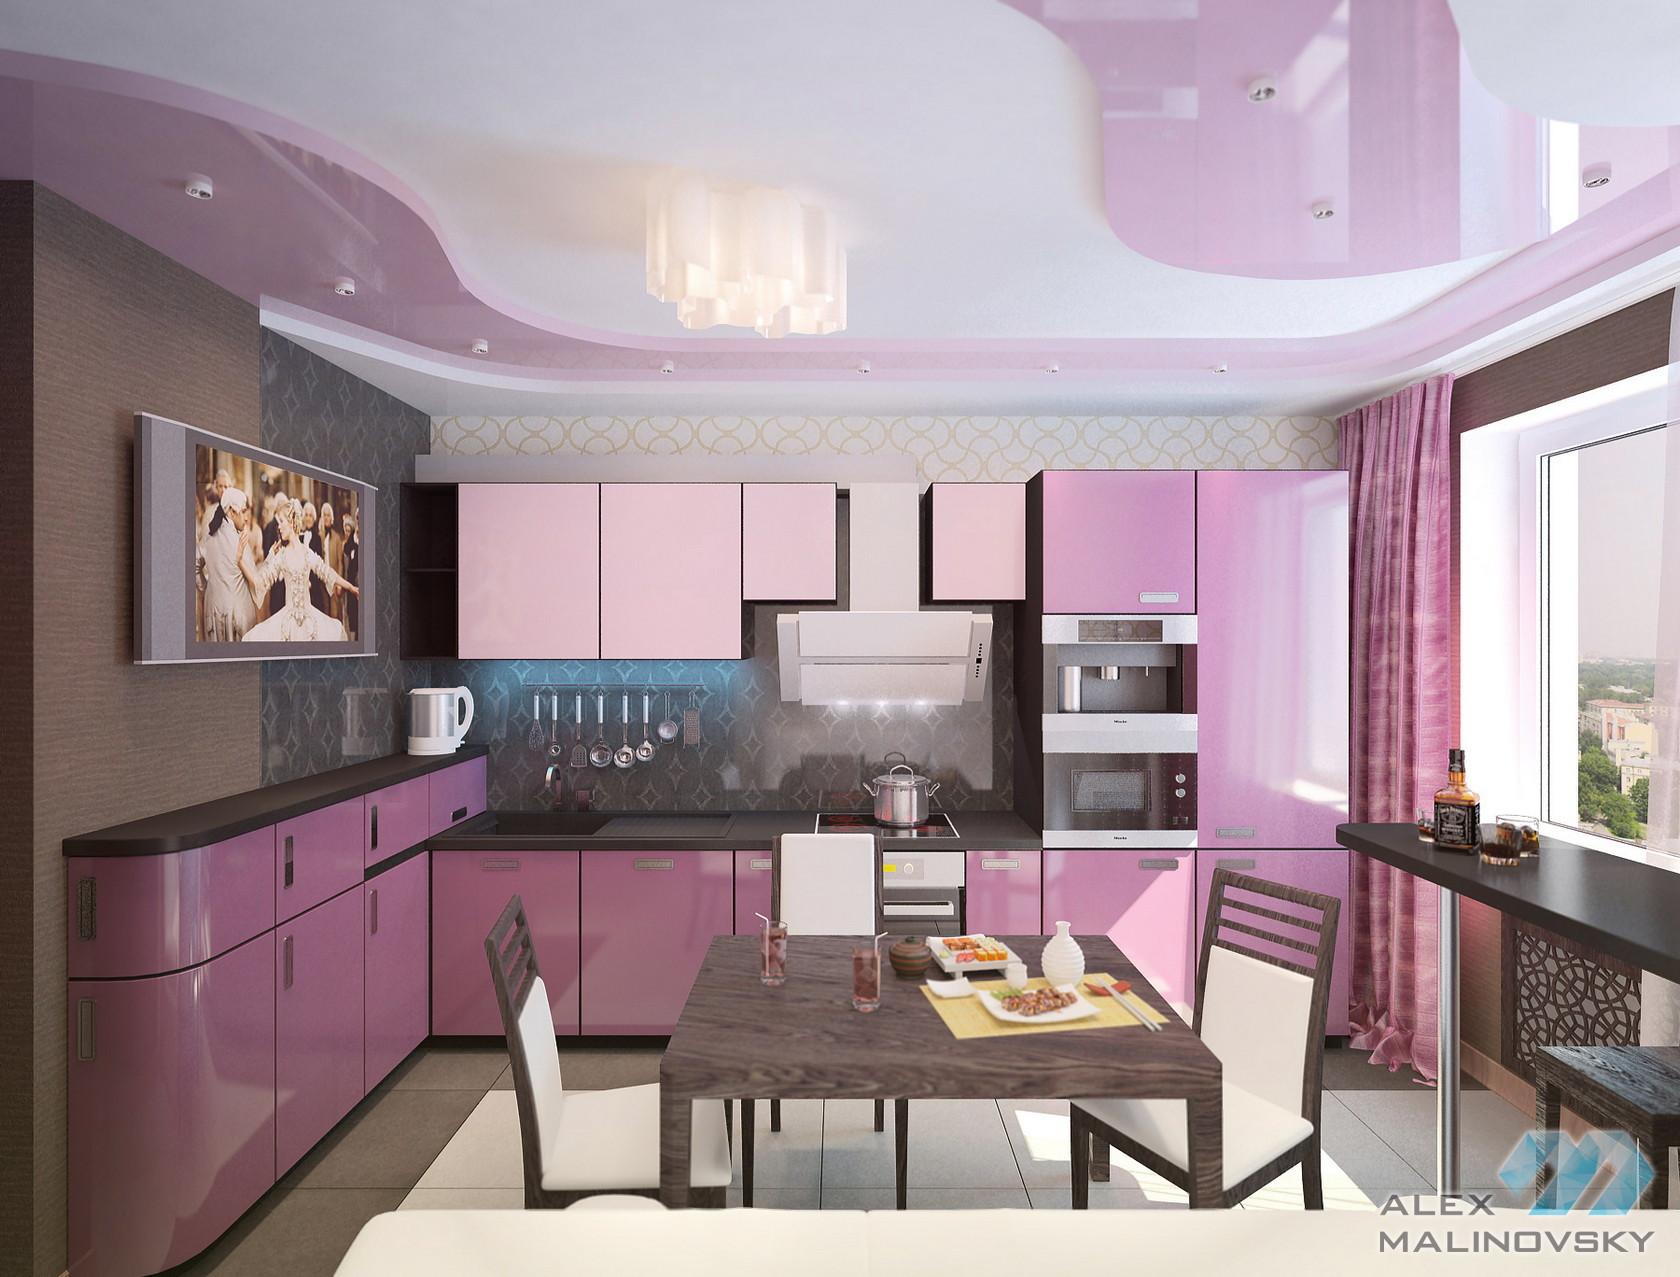 Кухня, 3х комнатная квартира, ЖК Северный, СПб